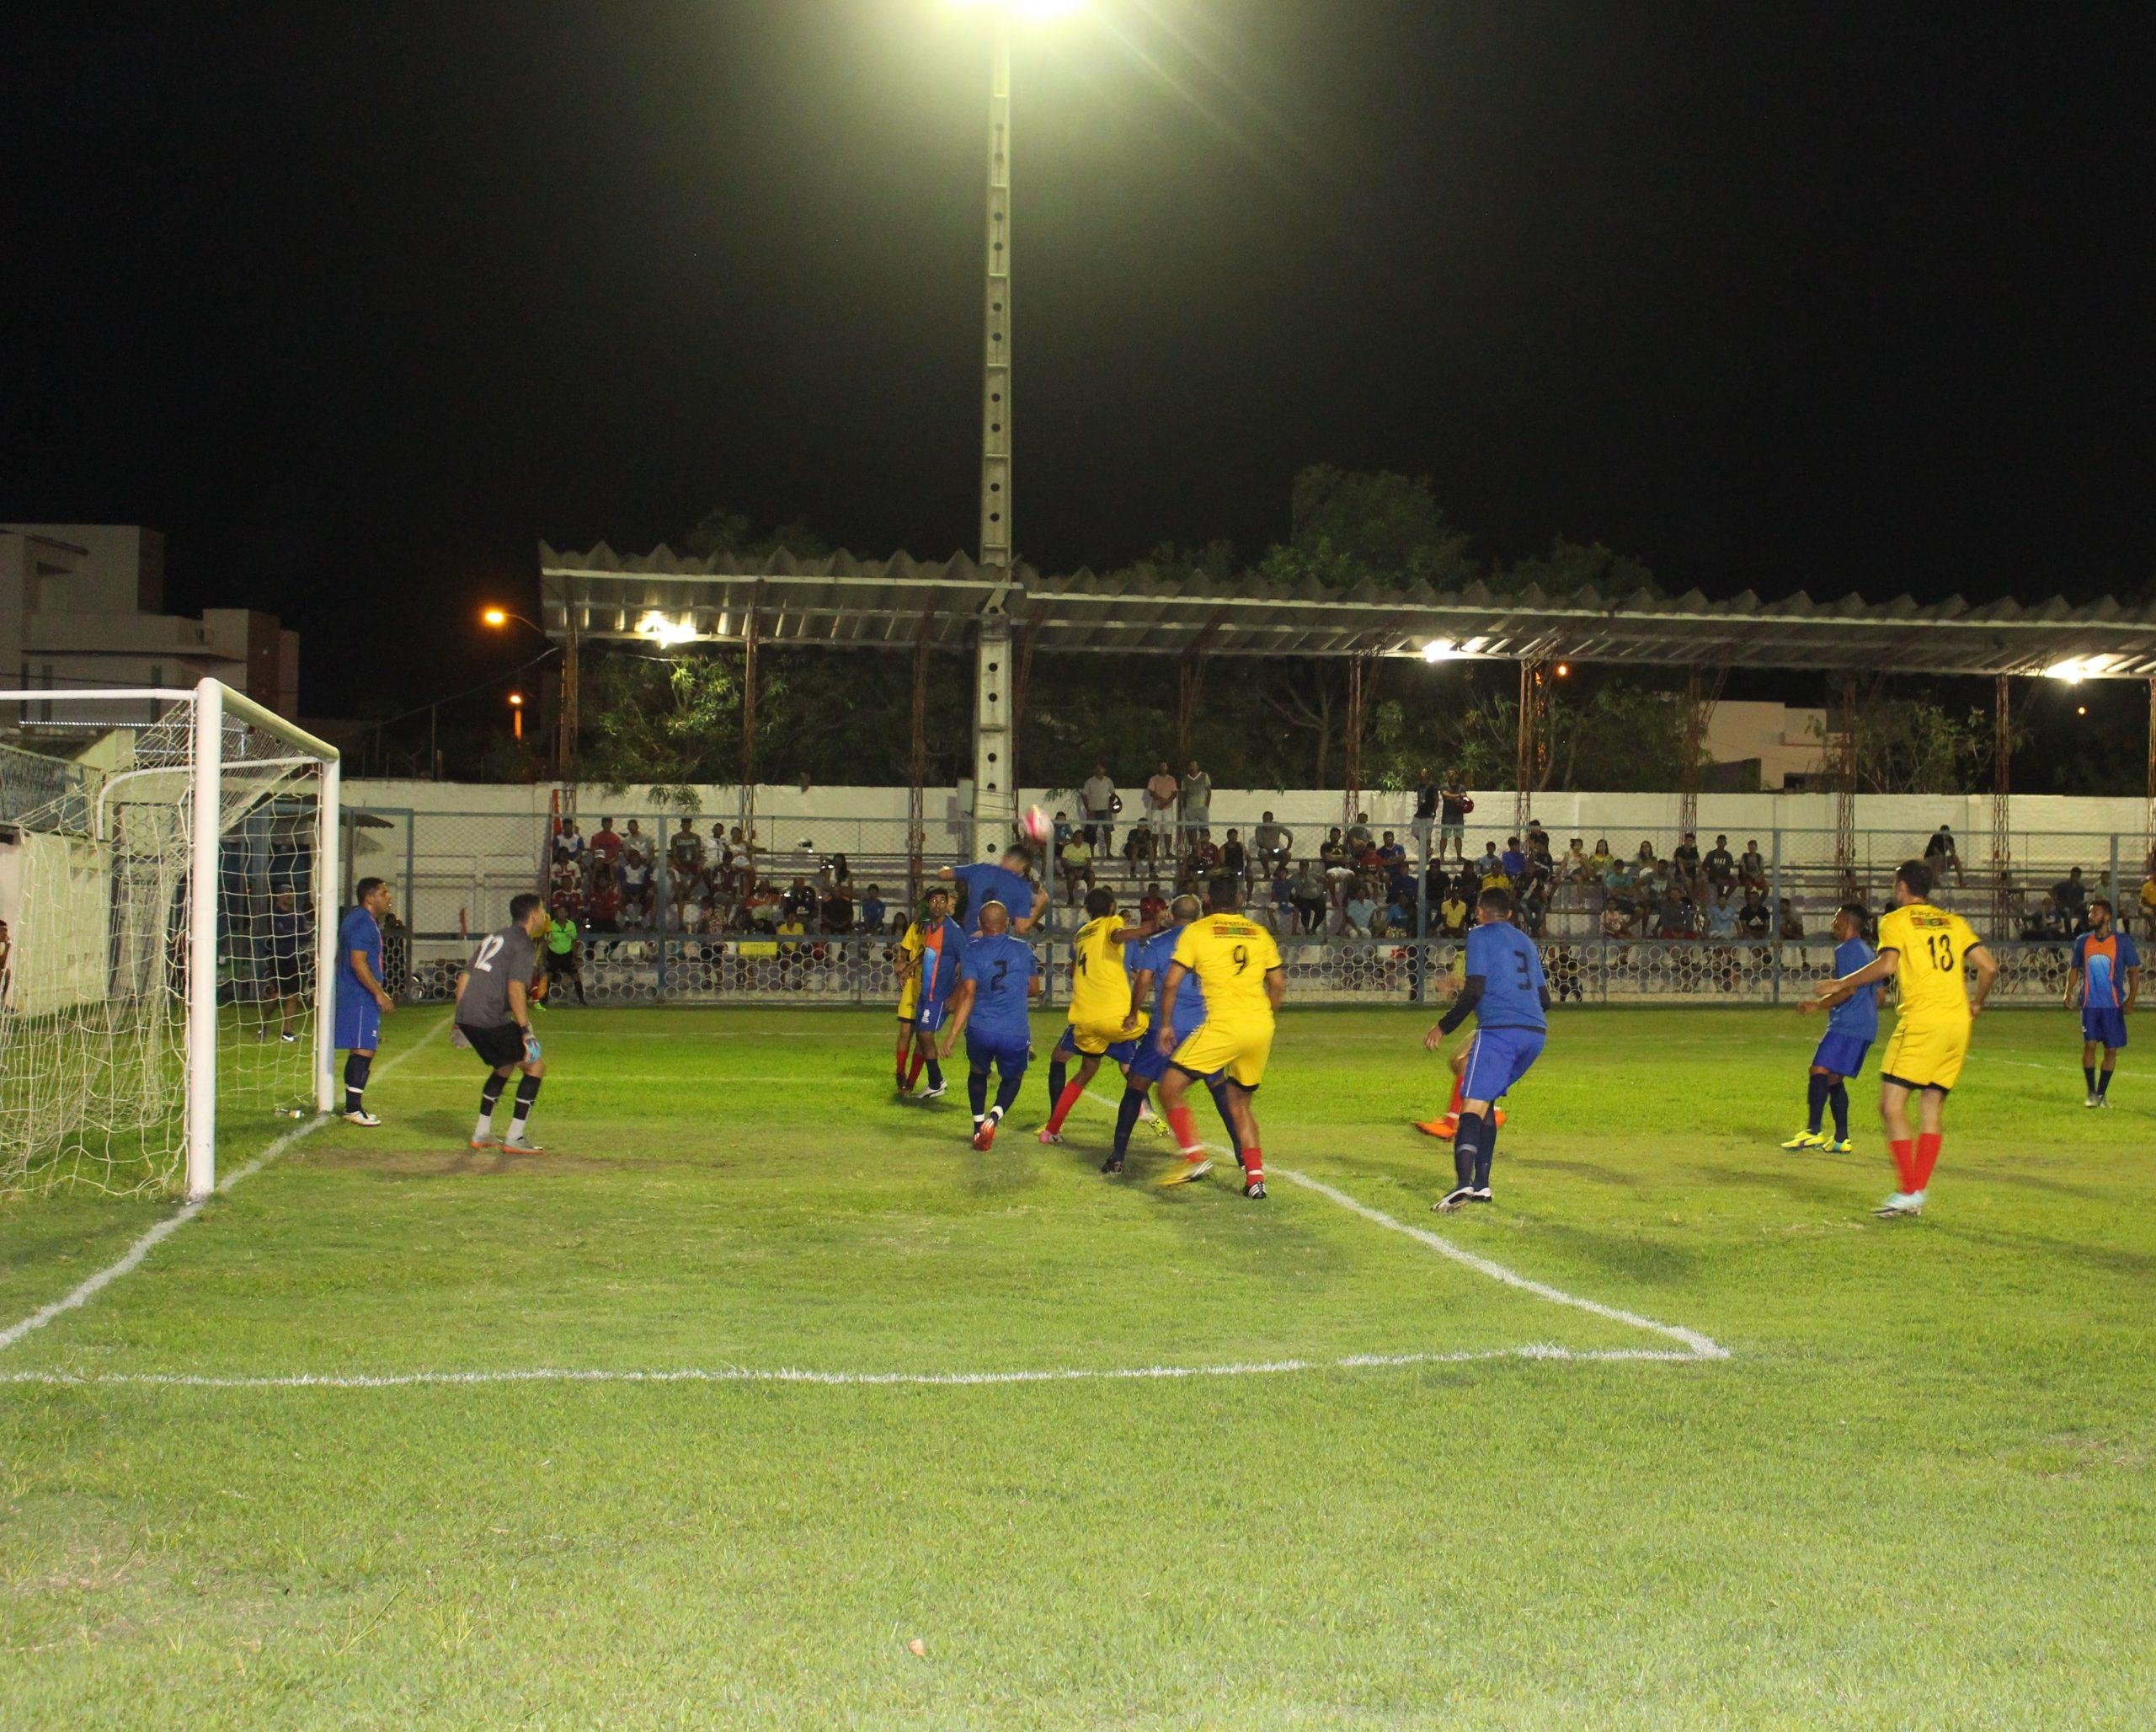 Reforma completa do Estádio Álvaro de Carvalho traz nova realidade para desportistas e torcedores